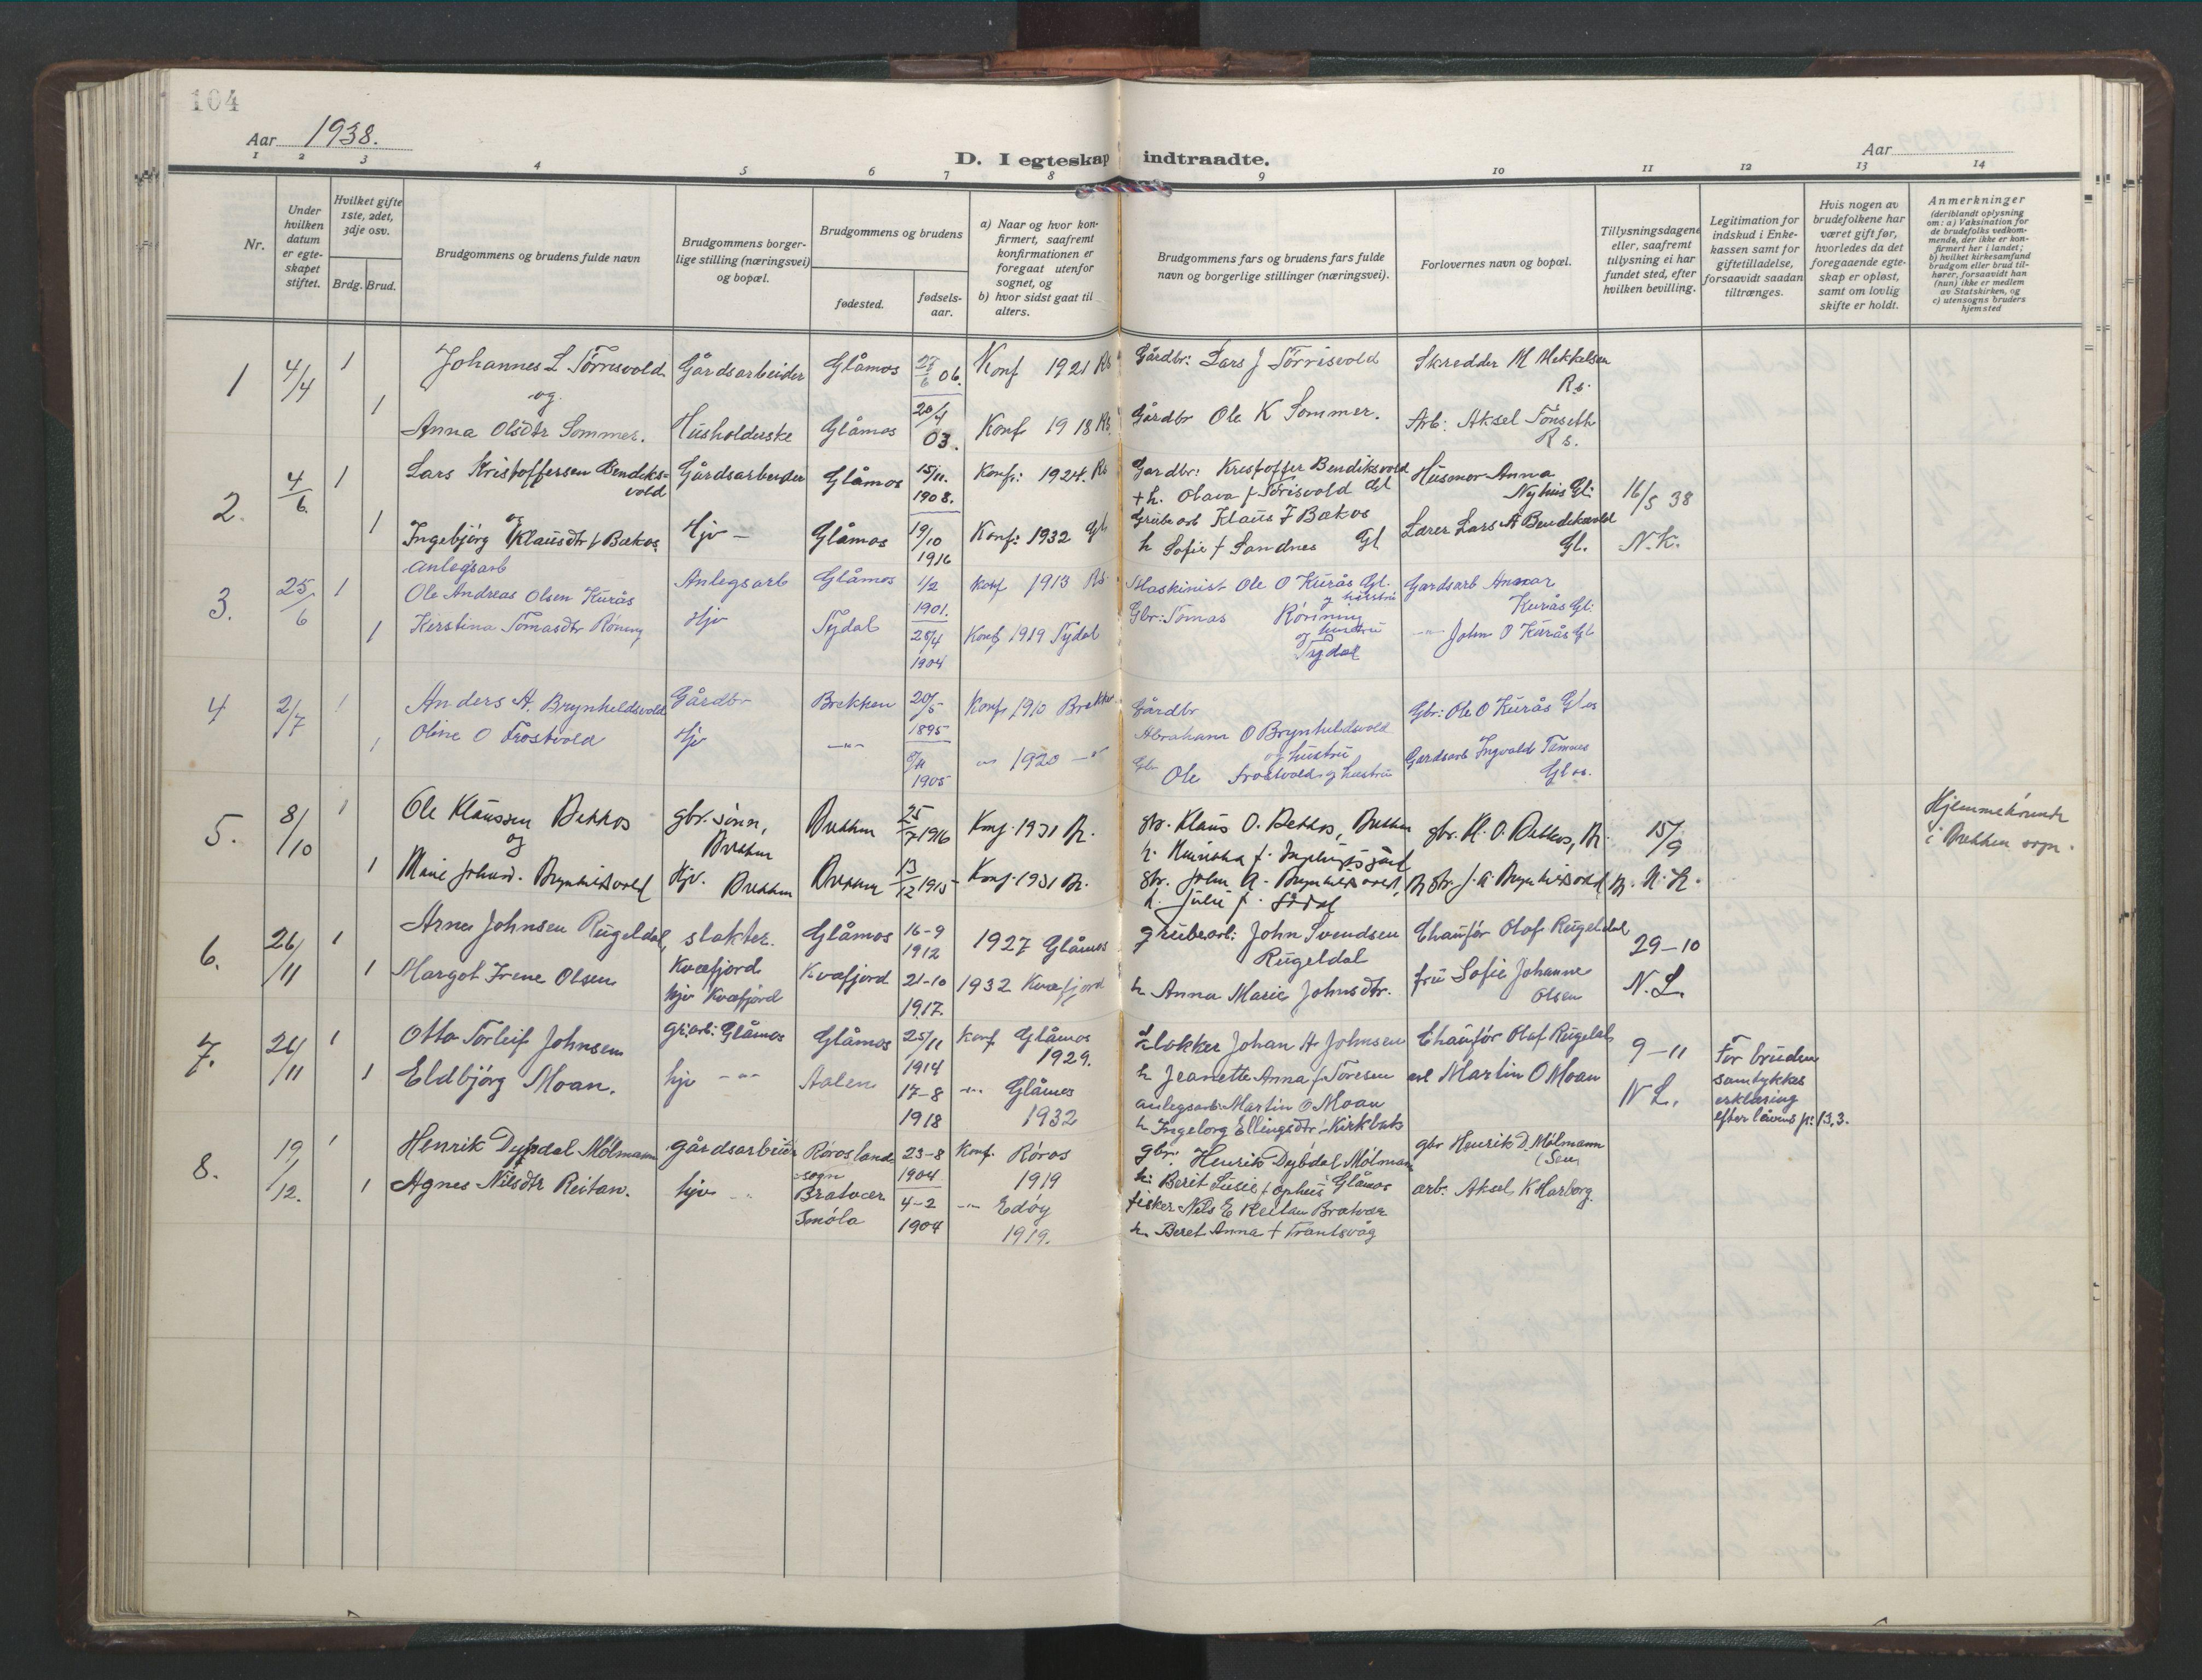 SAT, Ministerialprotokoller, klokkerbøker og fødselsregistre - Sør-Trøndelag, 682/L0947: Klokkerbok nr. 682C01, 1926-1968, s. 104